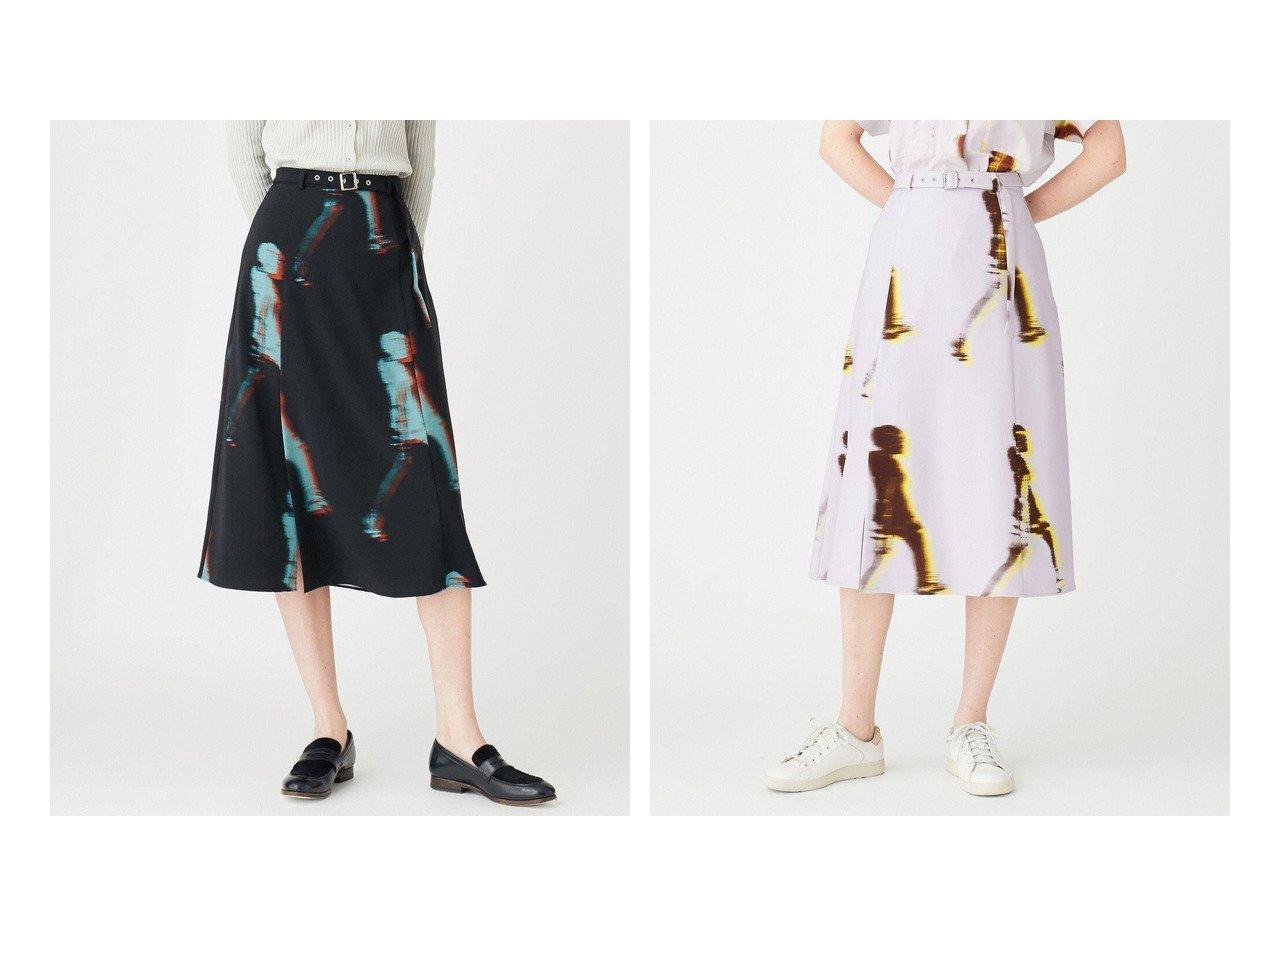 【Paul Smith/ポール スミス】のウォーカー プリントスカート 【スカート】おすすめ!人気、トレンド・レディースファッションの通販 おすすめで人気の流行・トレンド、ファッションの通販商品 インテリア・家具・メンズファッション・キッズファッション・レディースファッション・服の通販 founy(ファニー) https://founy.com/ ファッション Fashion レディースファッション WOMEN スカート Skirt 送料無料 Free Shipping エレガント ストレッチ ドレープ フレア プリント ワーク |ID:crp329100000065651